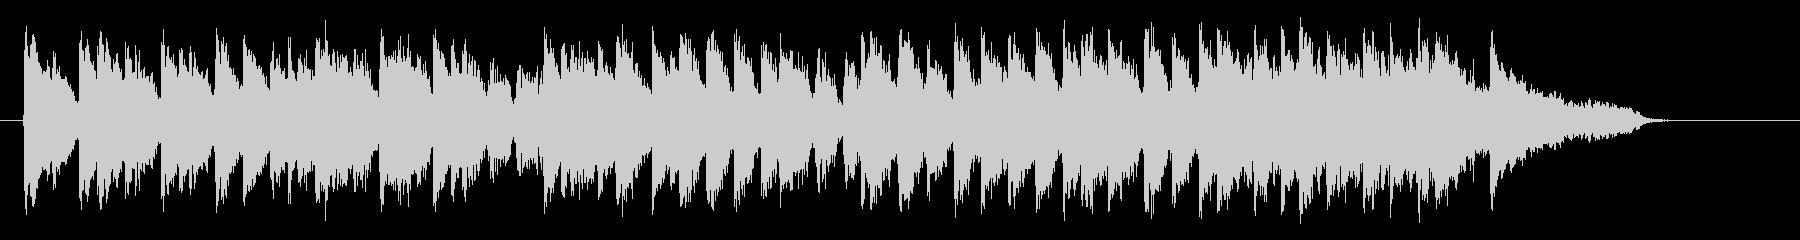 可憐で明るいピアノジングルの未再生の波形